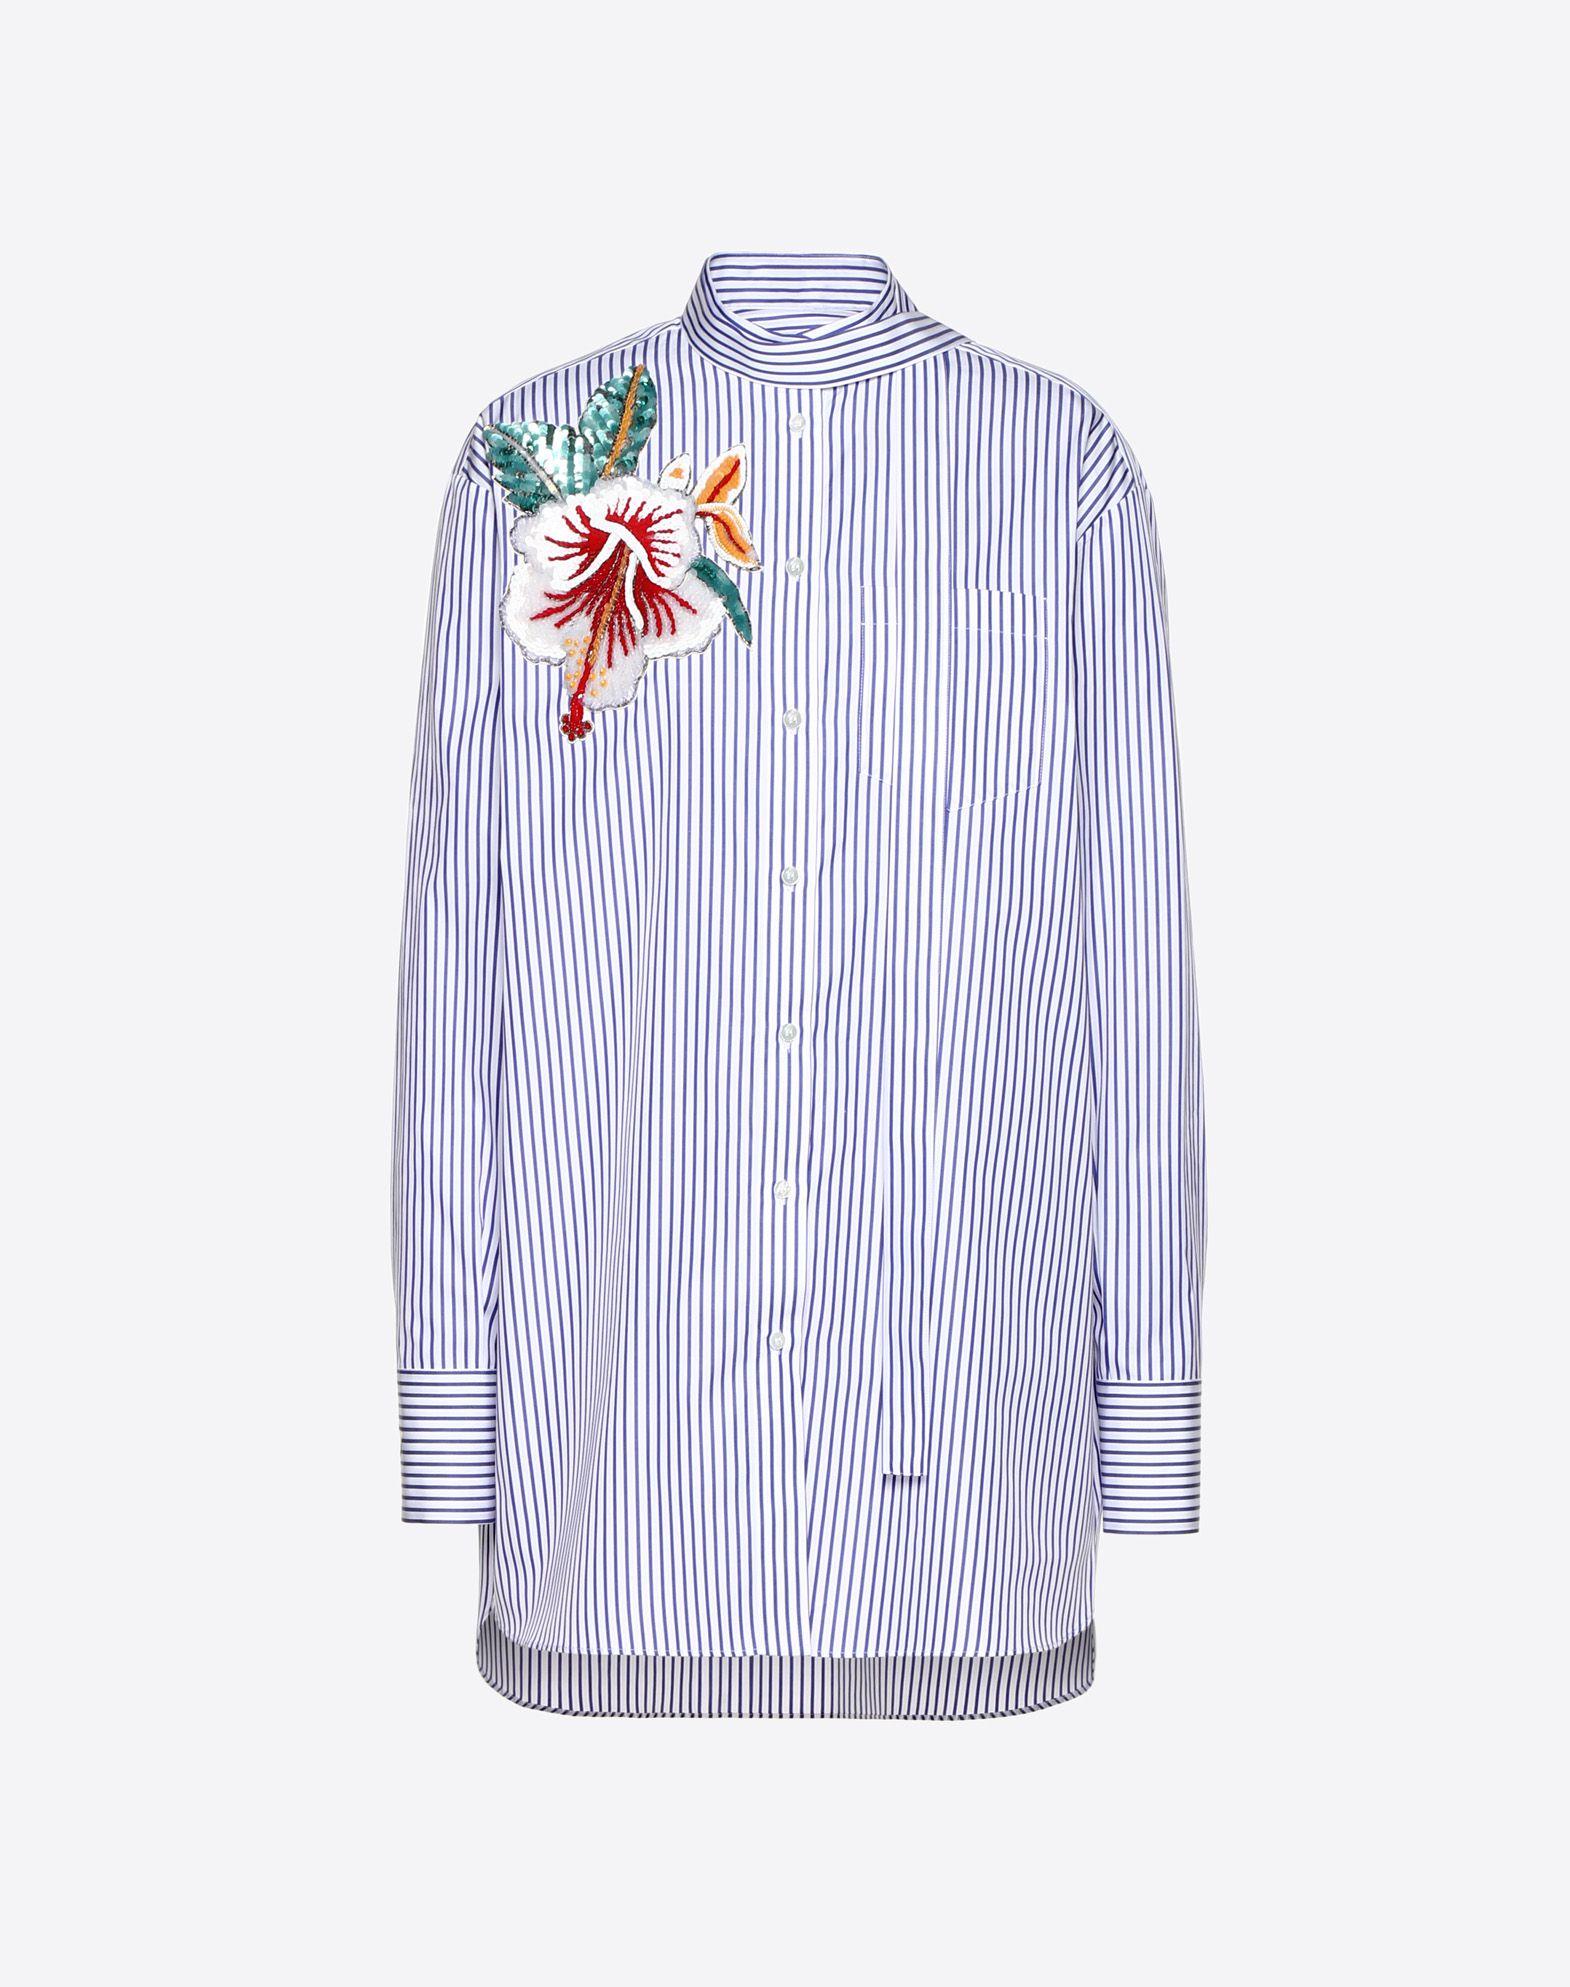 Embroidered Hawaiian Hibiscus Poplin Shirt